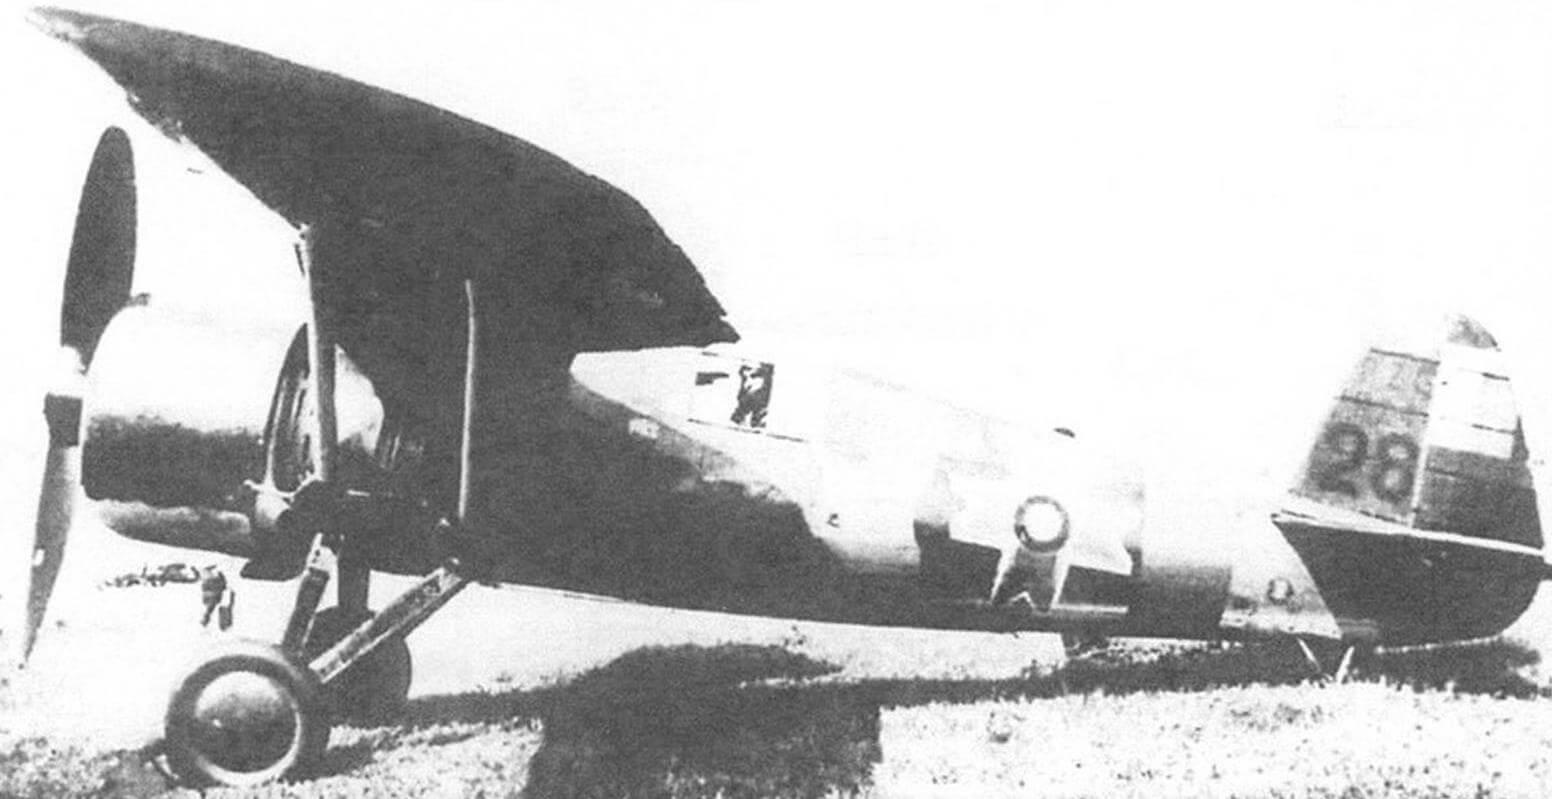 Истребитель Р-24Е румынского производства